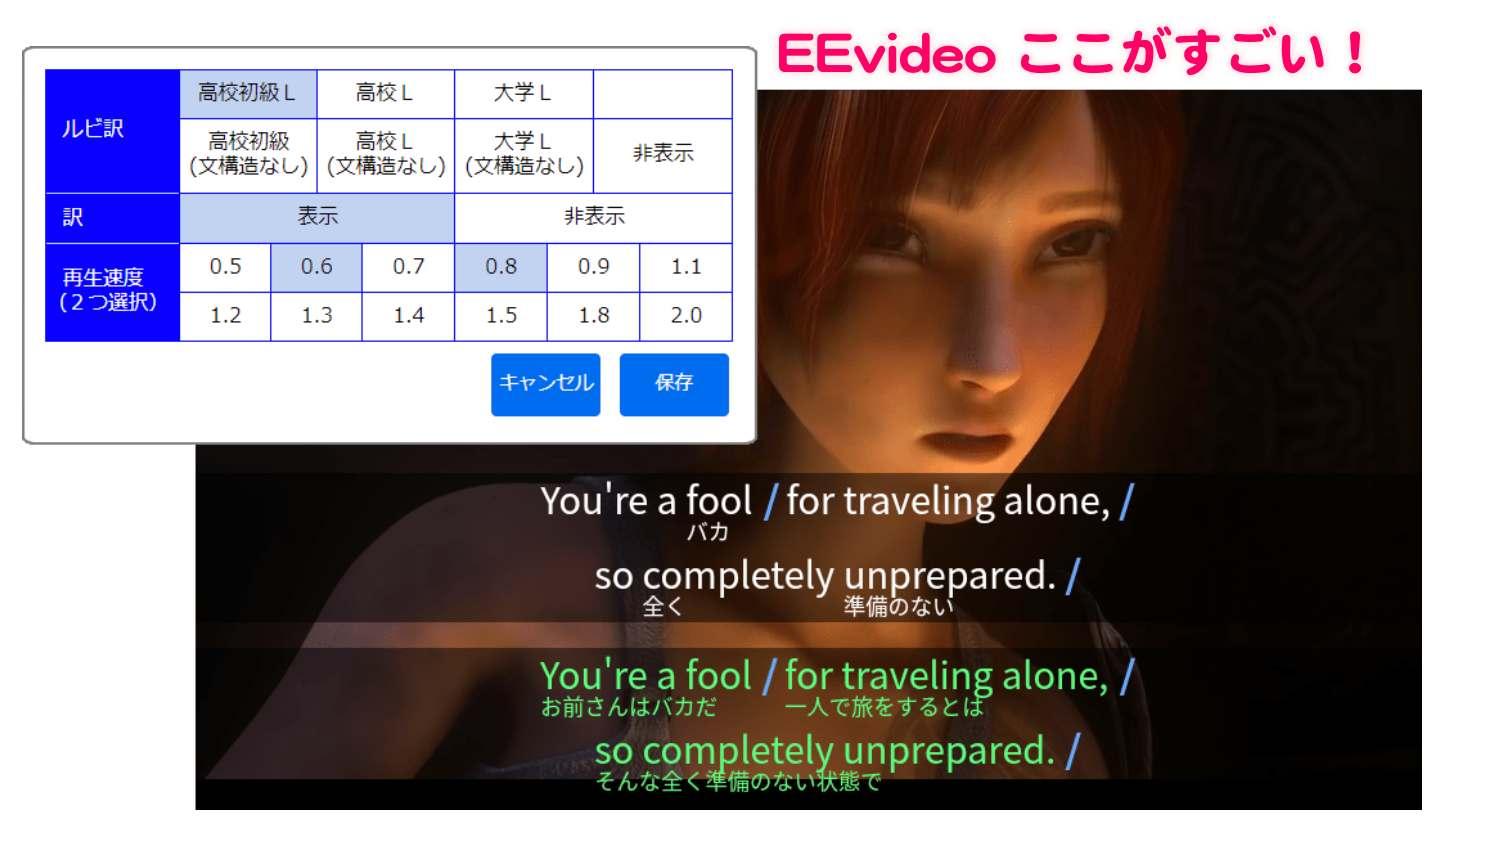 EEvideoはネットで映画、ニュース、アニメなどの動画を使って楽しみながら英語学習が無料からできるのでおすすめです